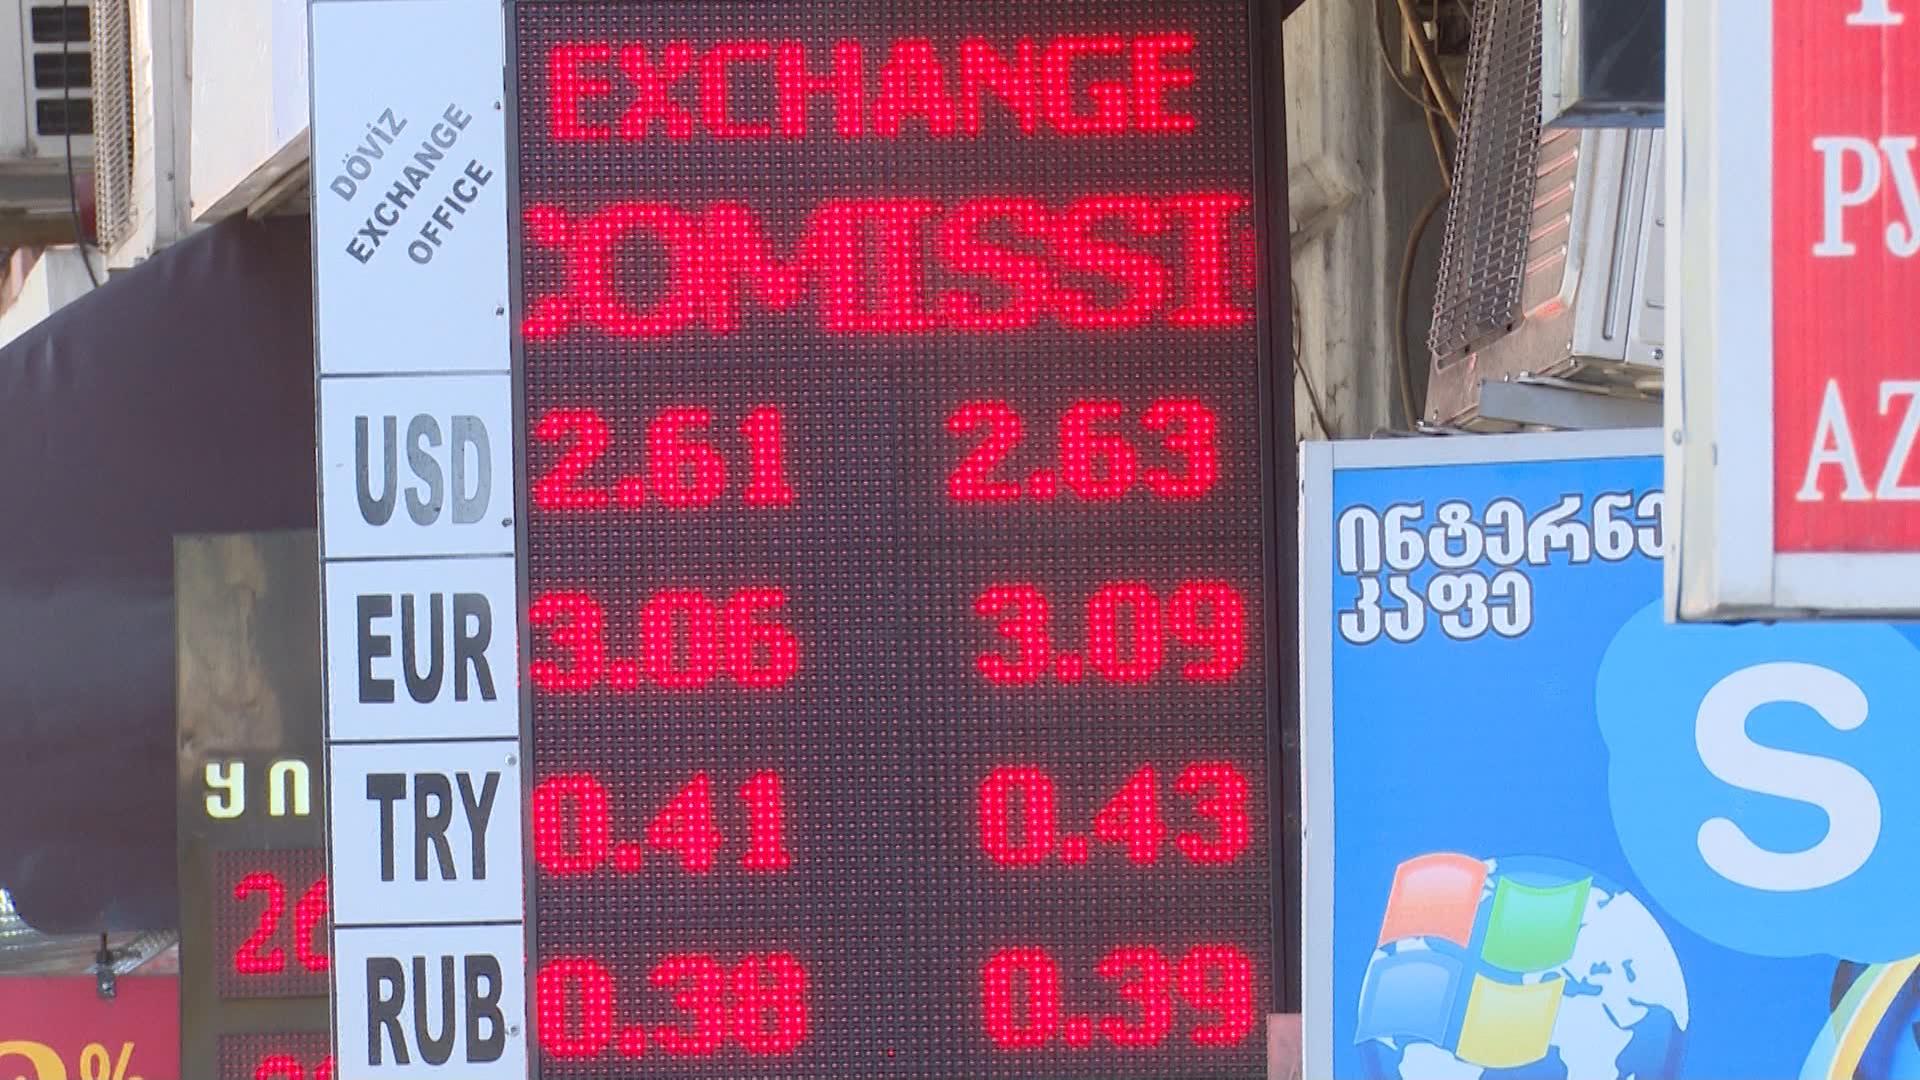 ლარის კურსის გაუფასურების მიზეზი თურქეთსა და რუსეთში განვითარებული მოვლენებია - ეროვნული ბანკი